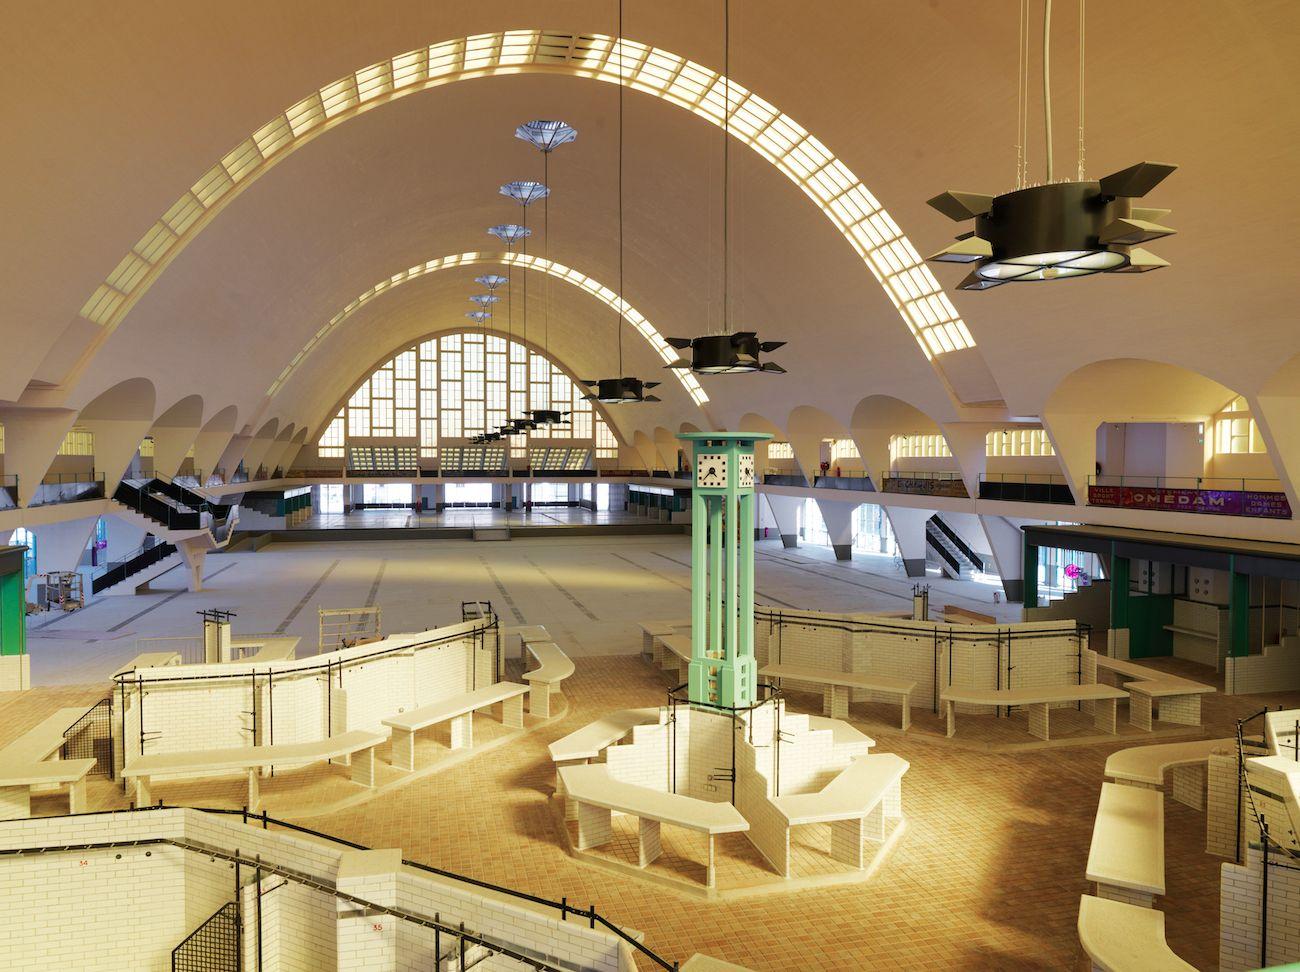 Halle ©Cyrille Weiner compressed - Halles Centrales du Boulingrin